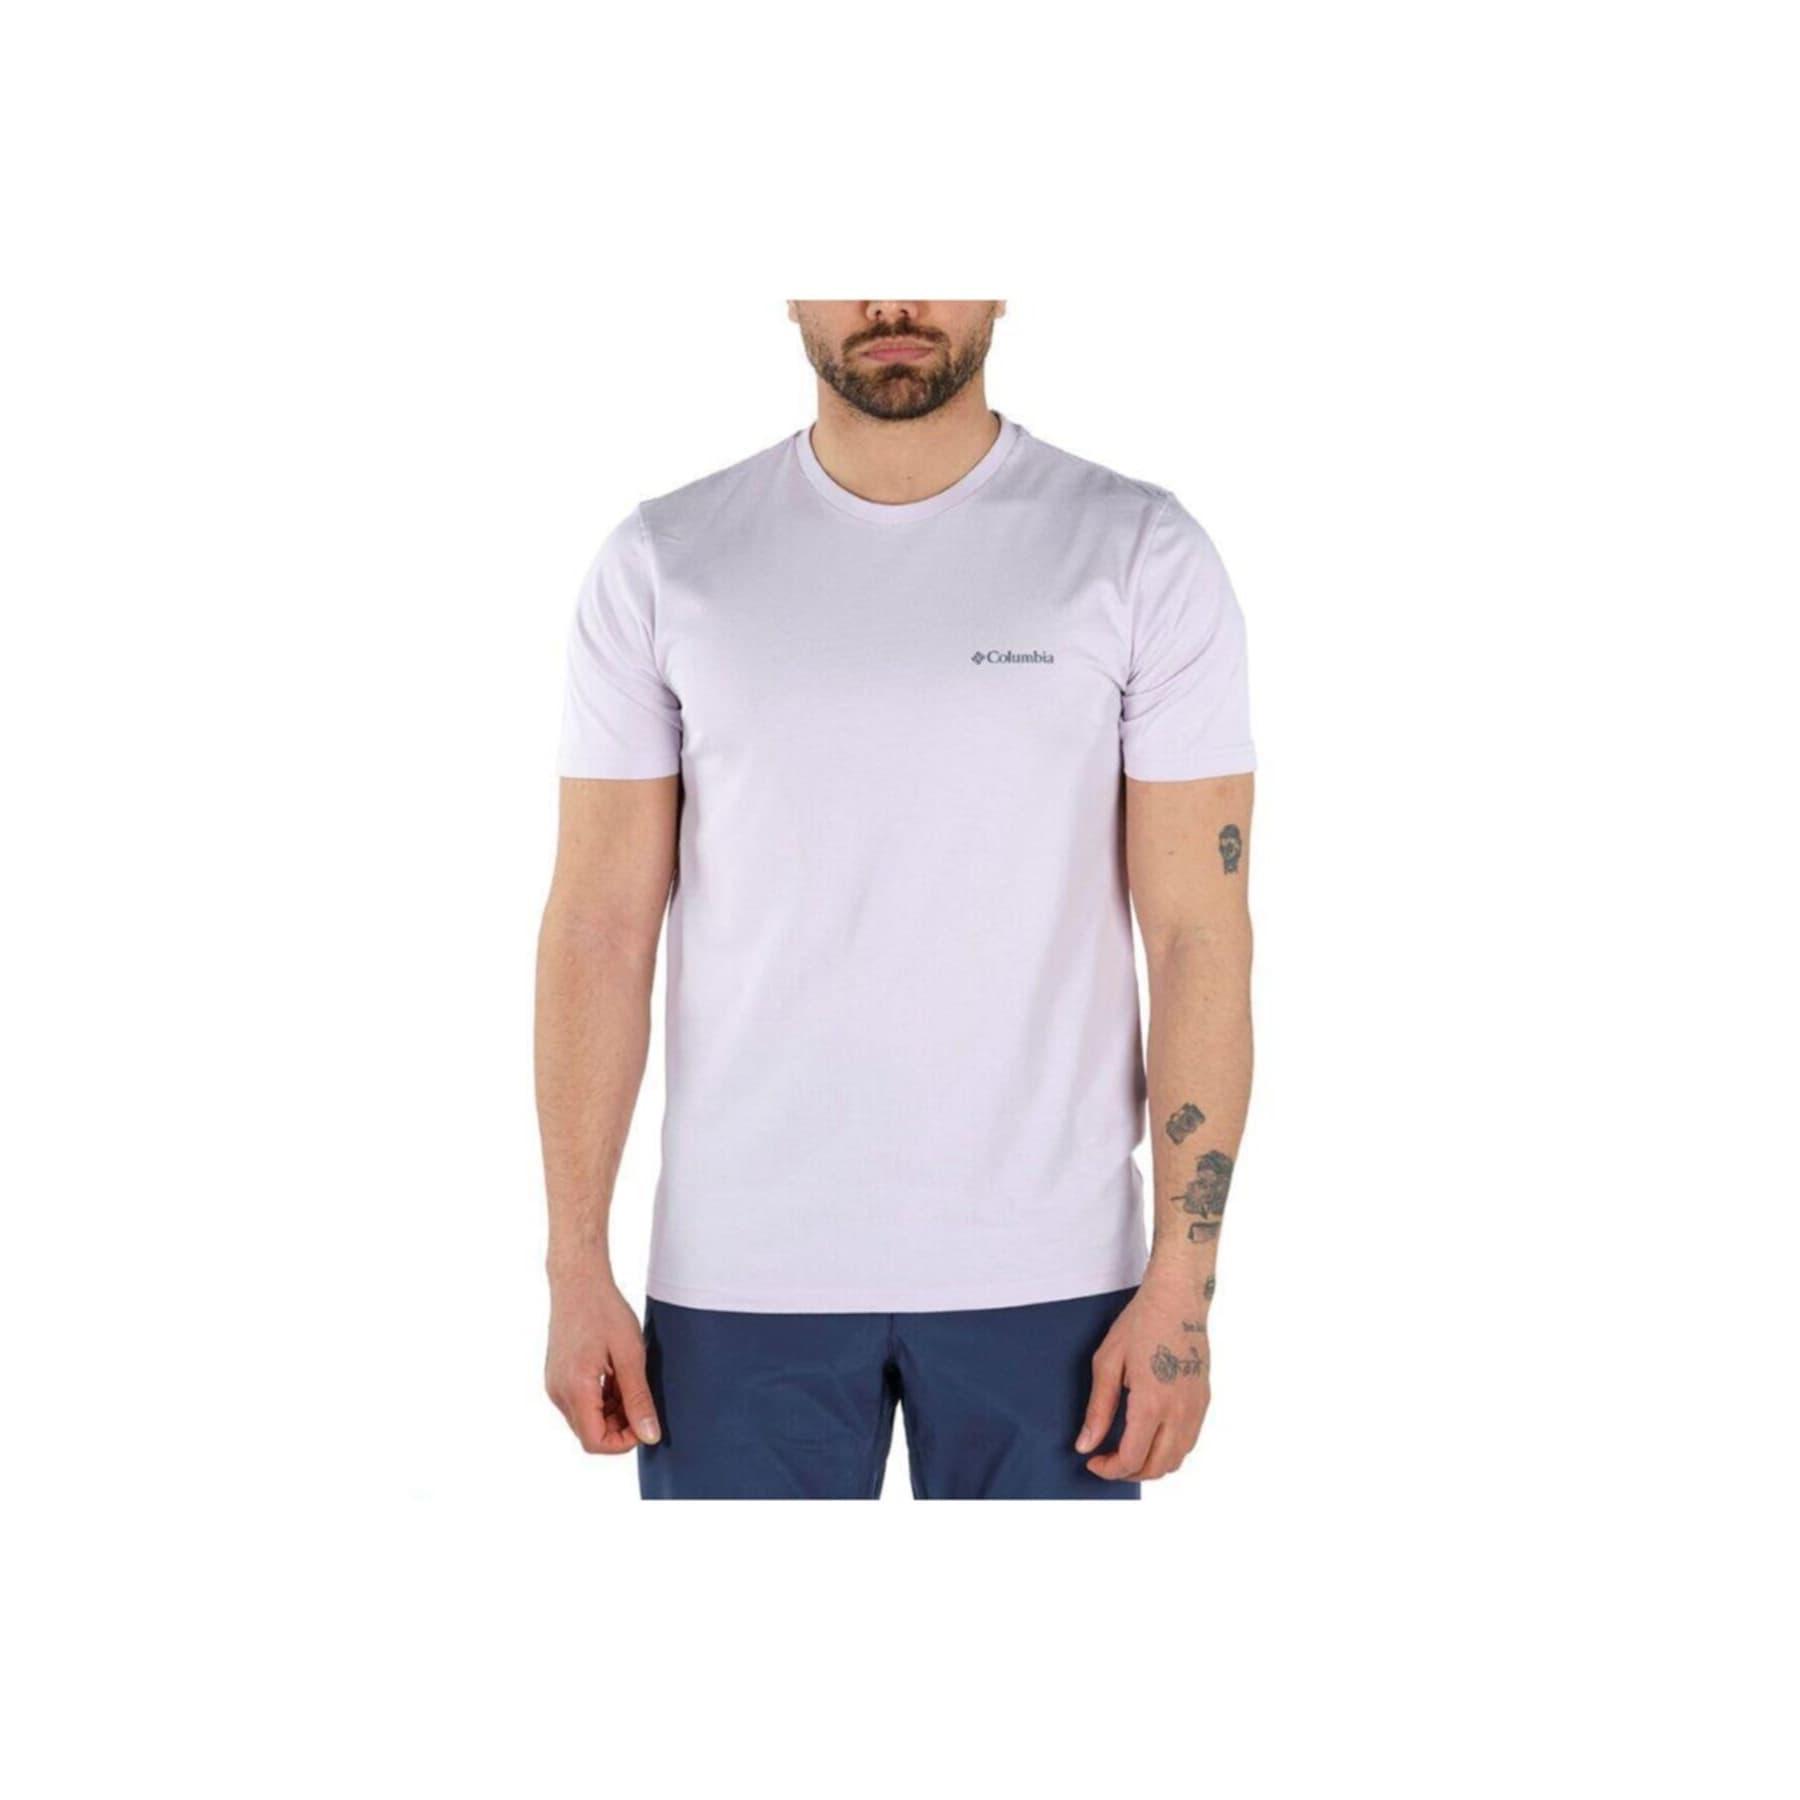 CSC Basic Erkek Mor Tişört (CS0002_584)